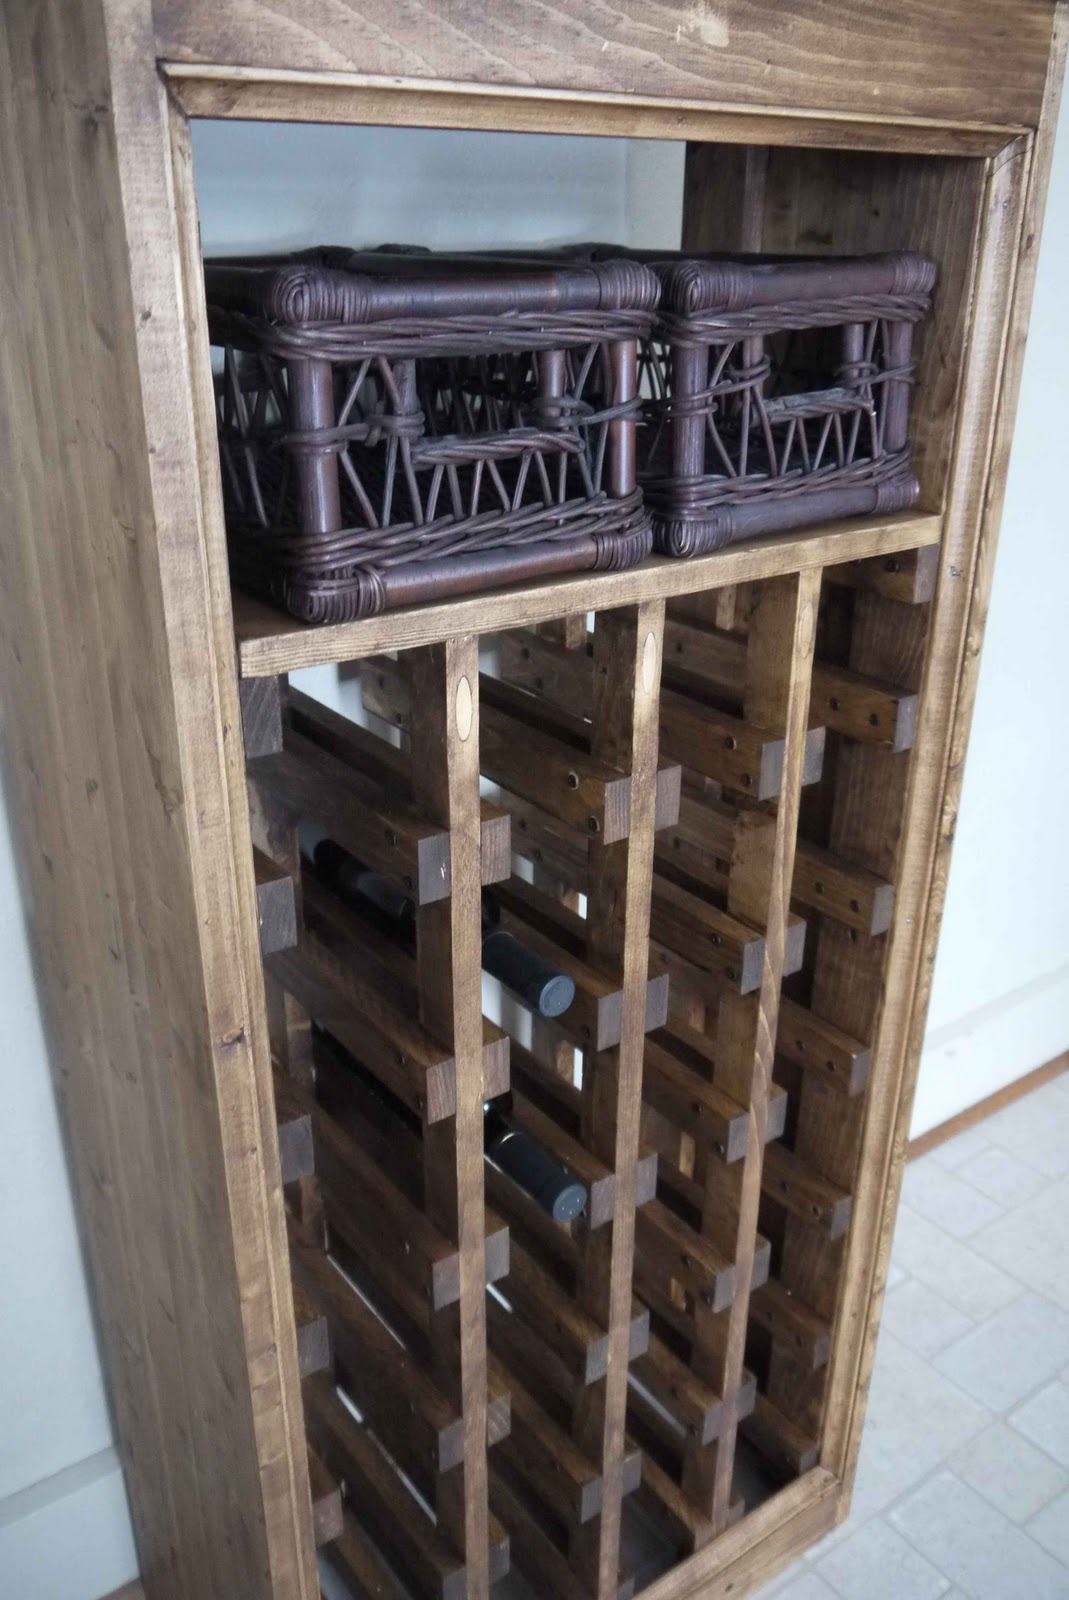 Rhubarb Diaries: DIY Wine Rack - Completed!